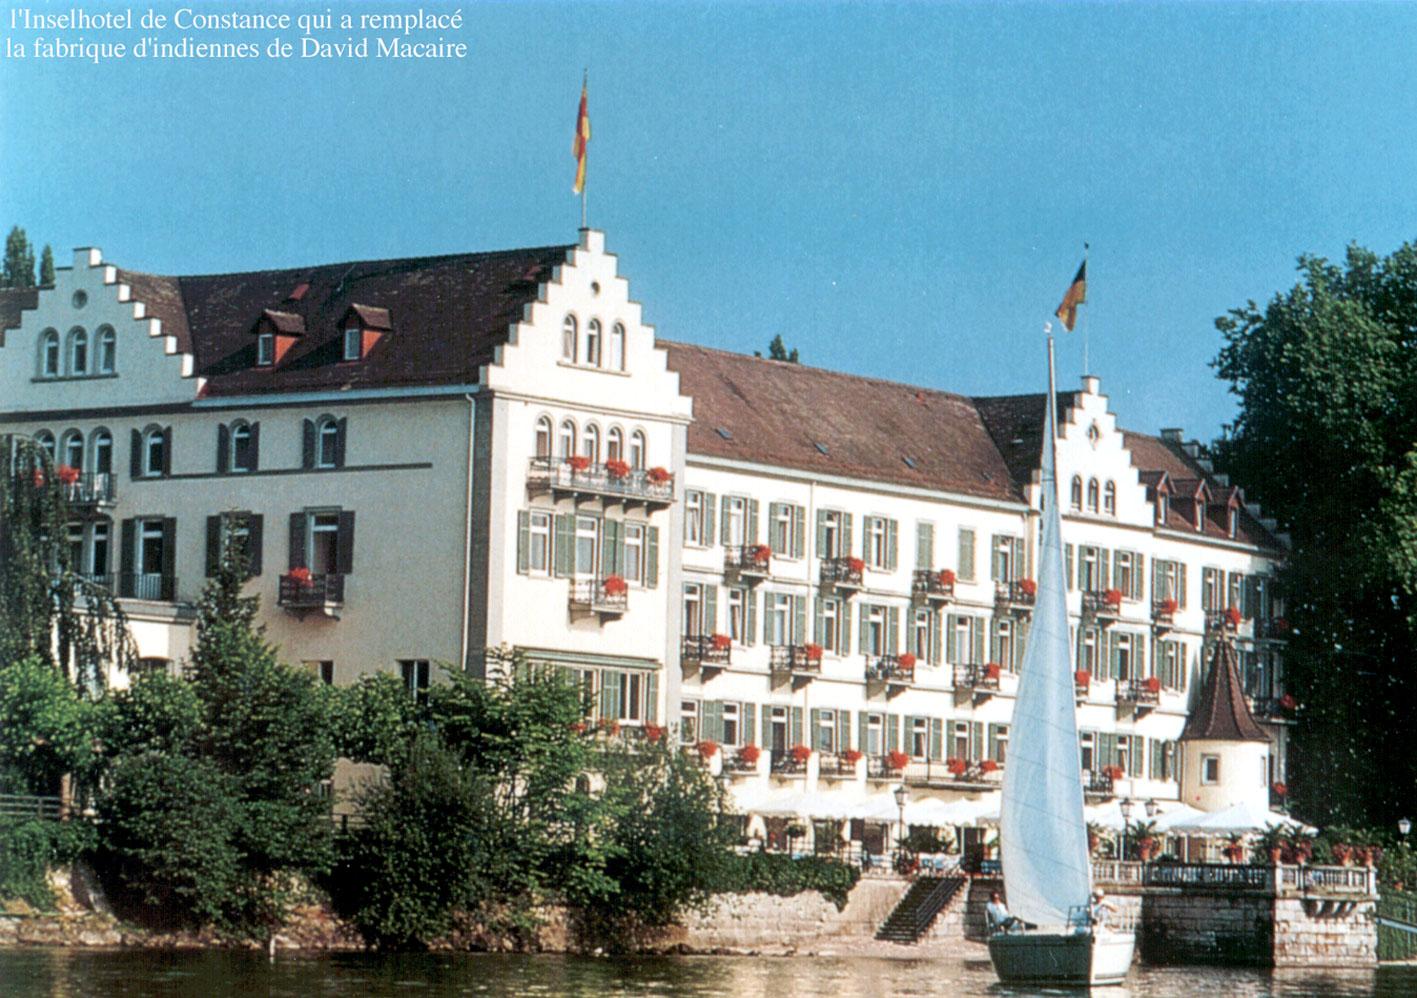 inselhotel_constance_12.jpg